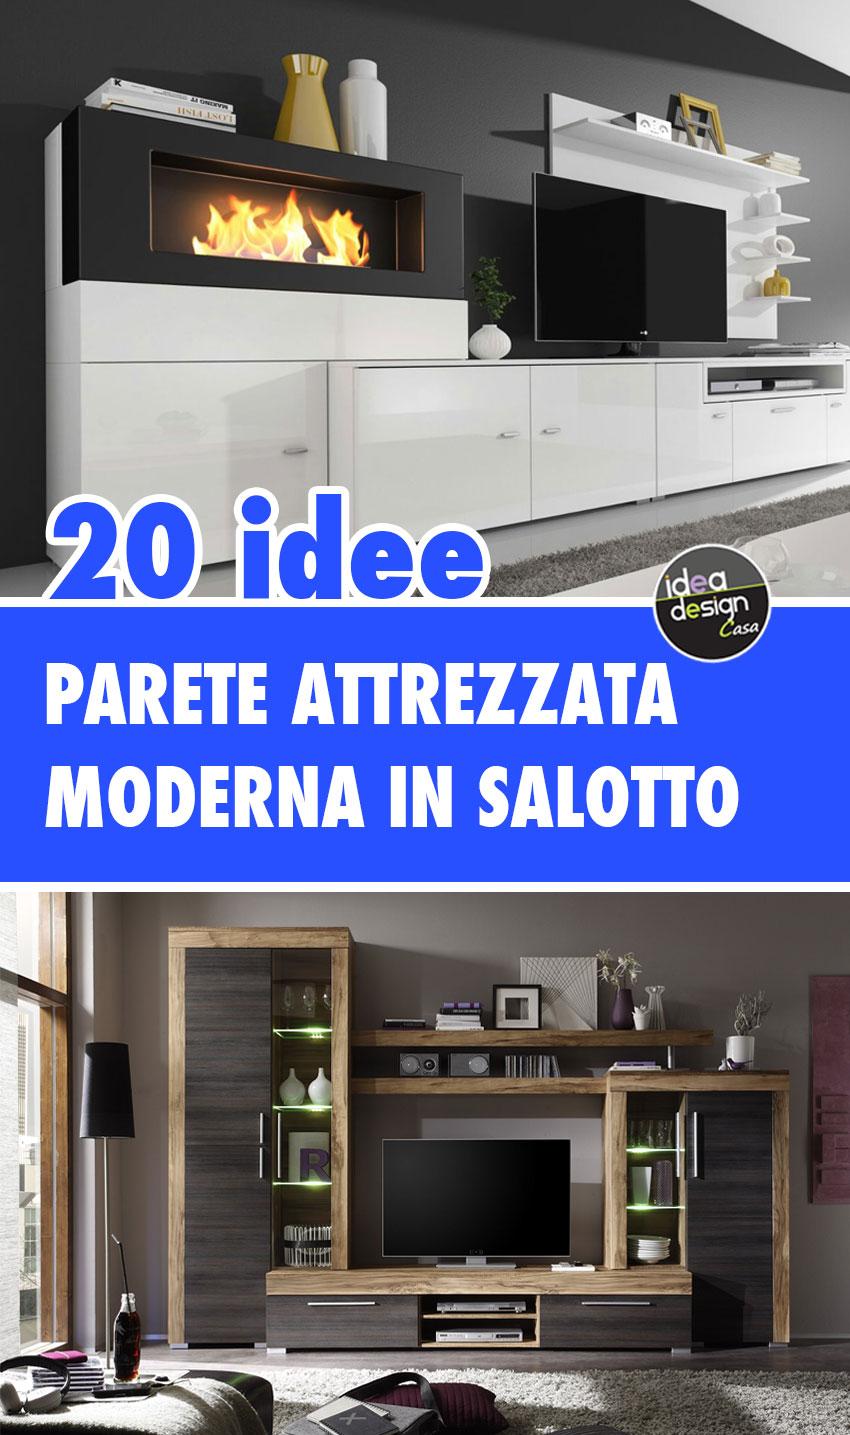 Pereti attrezzate moderne , mobili di design. Parete Attrezzata Moderna Trova Quella Giusta Per Arredare Il Soggiorno